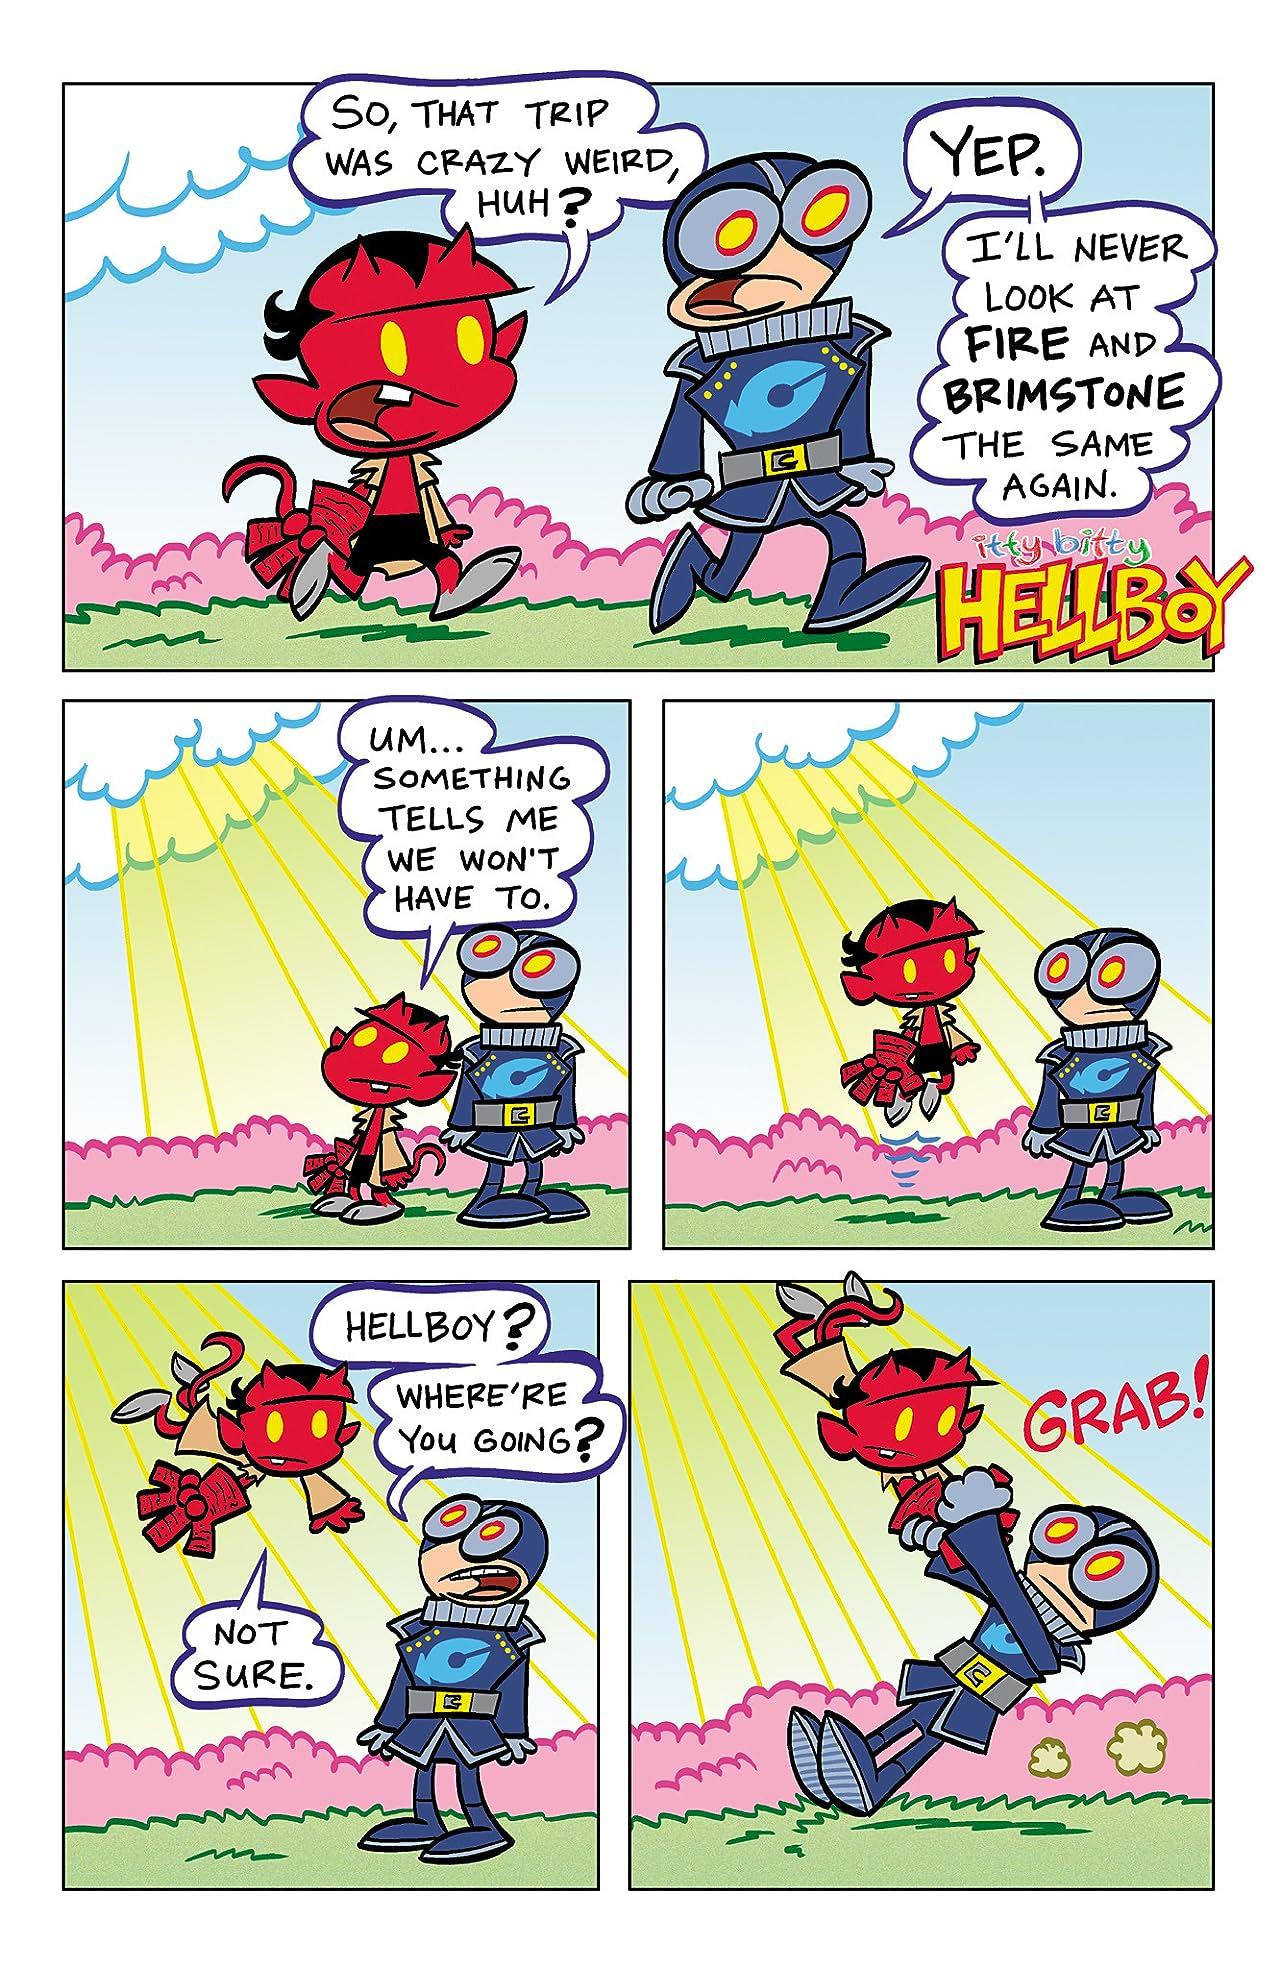 Itty Bitty Hellboy #4